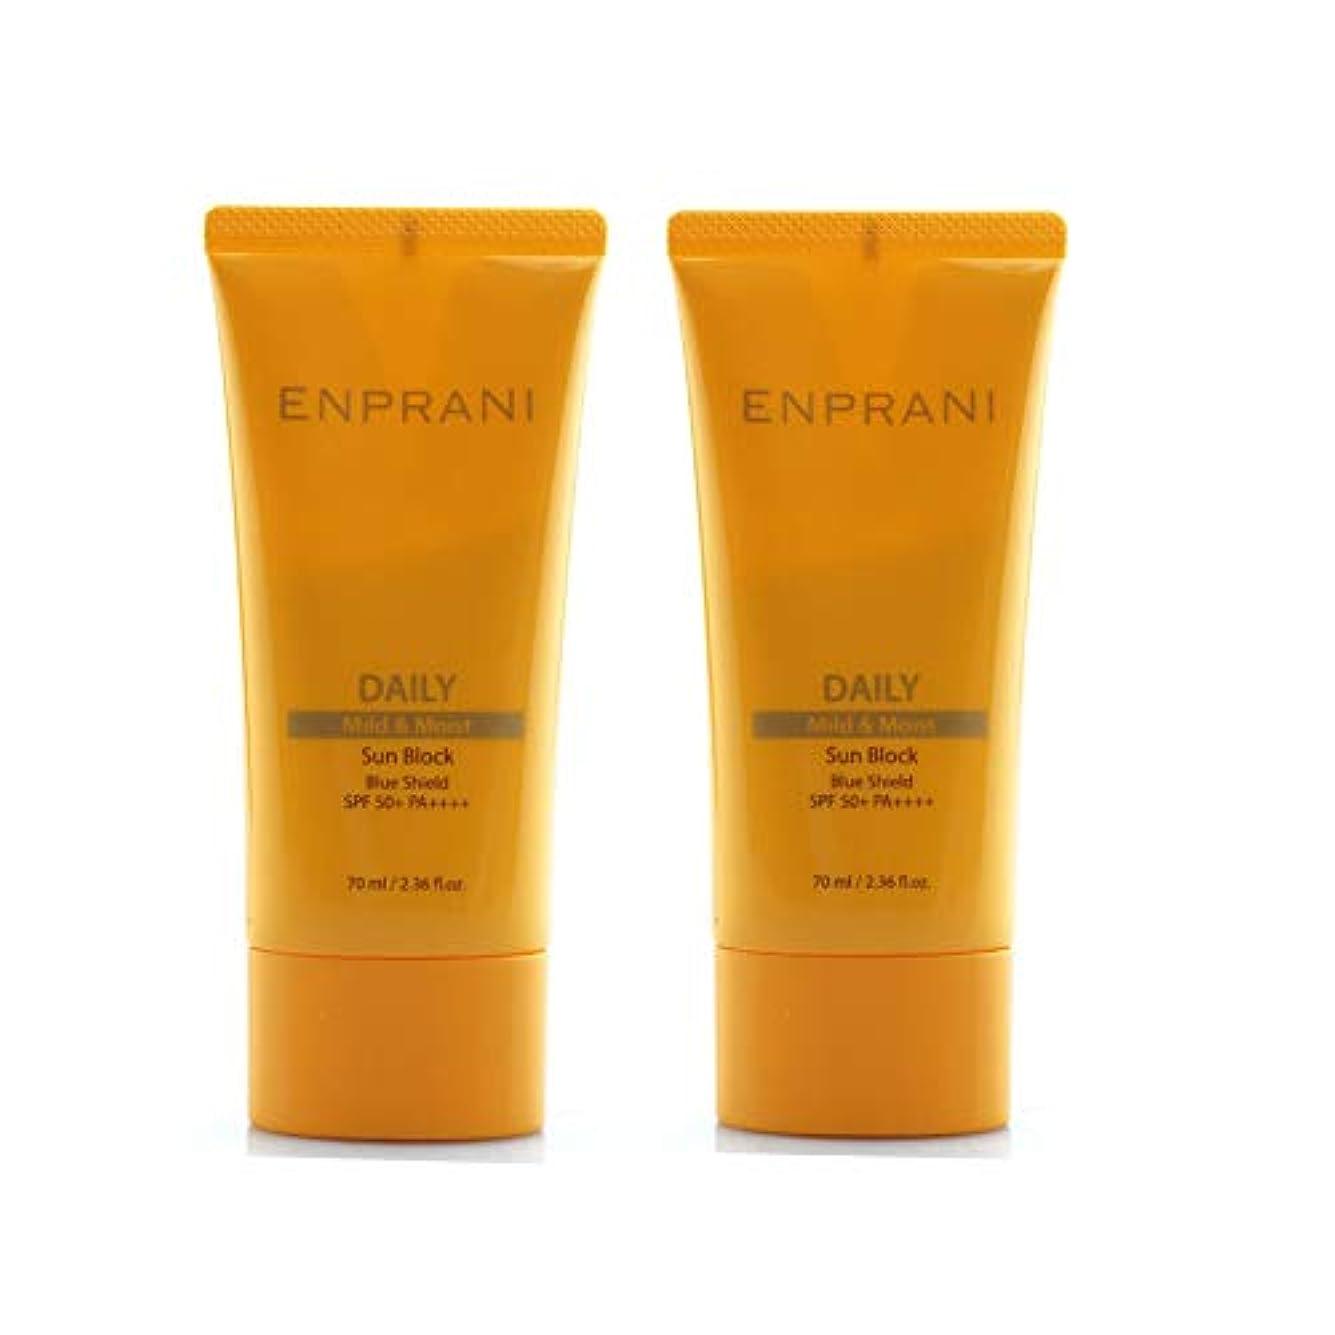 機転閲覧するブートエンプラニデイリーサンブロックSPF50+/ PA++++ 70mlx2本セットサンクリーム、Enprani Daily Sun Block SPF50+ / PA++++ 70ml x 2ea Set Sun Cream...